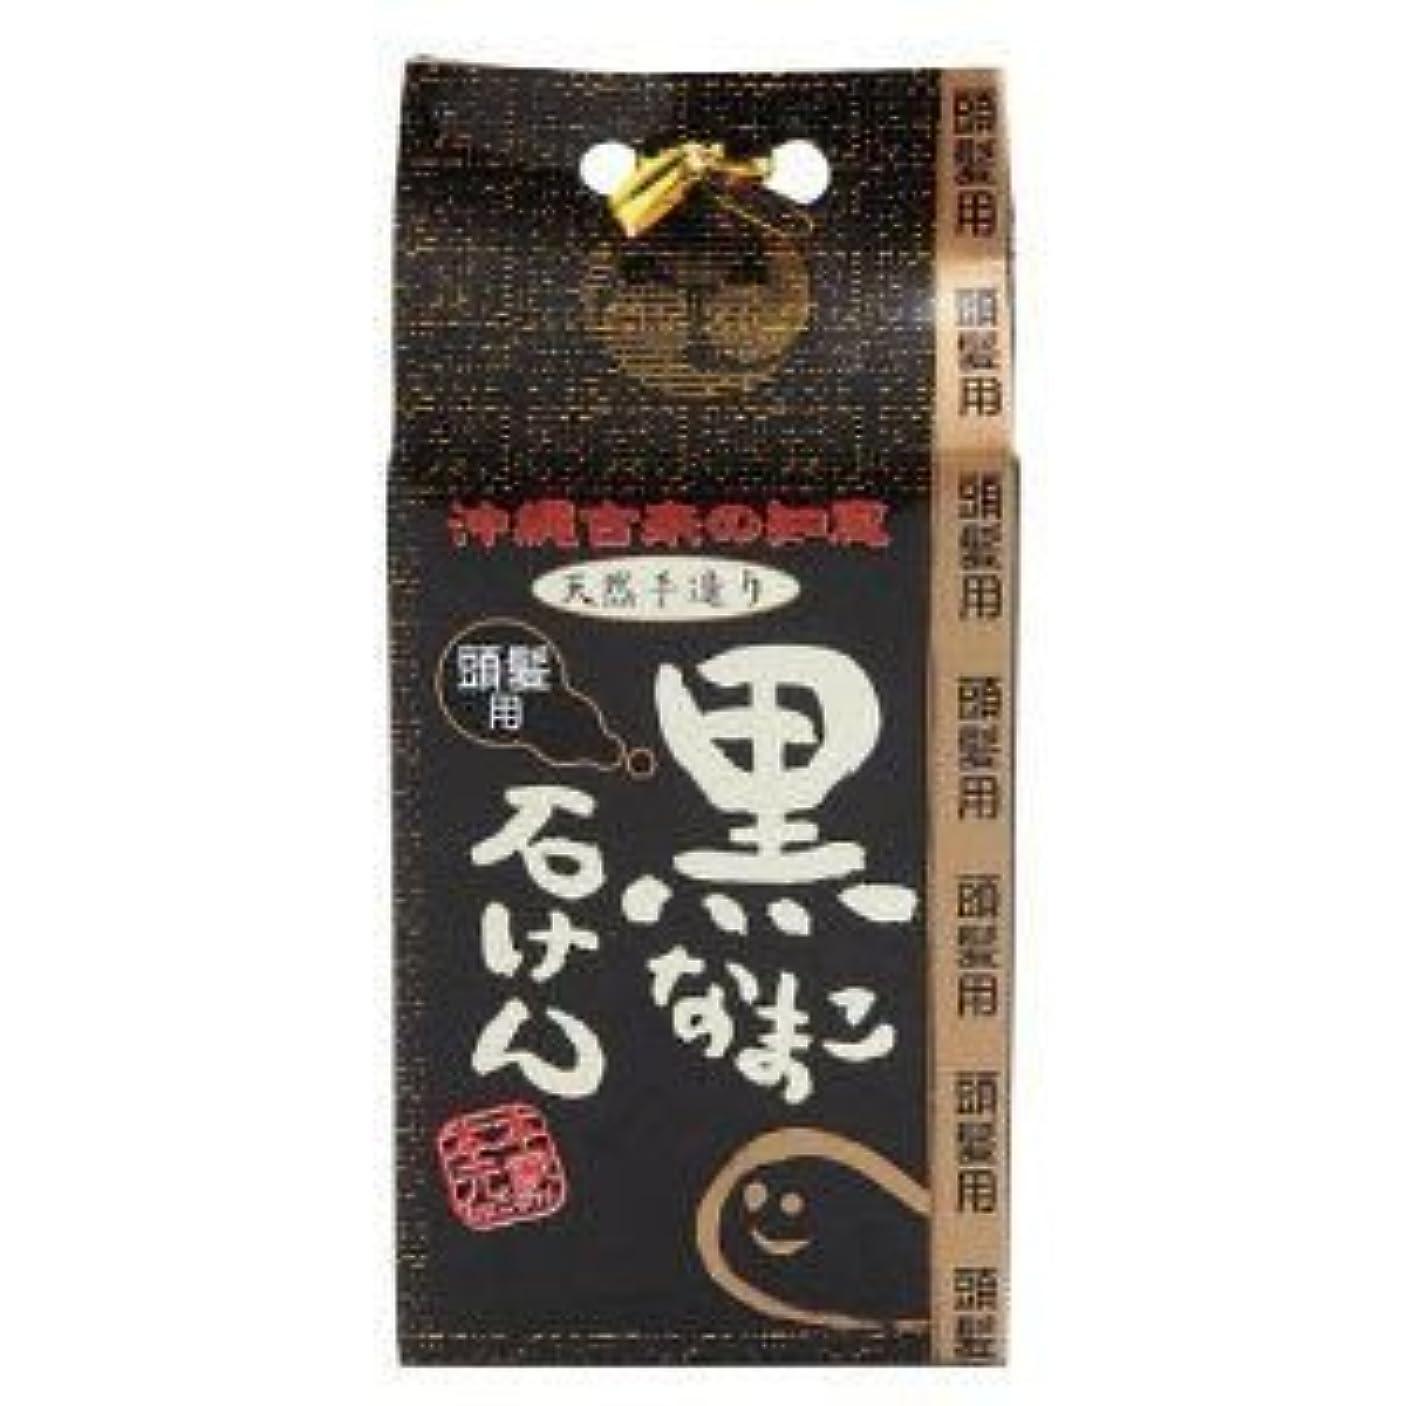 黒なまこ石けん 90g  3個セット ※素材のひとつひとつにこだわった石鹸シャンプーです。